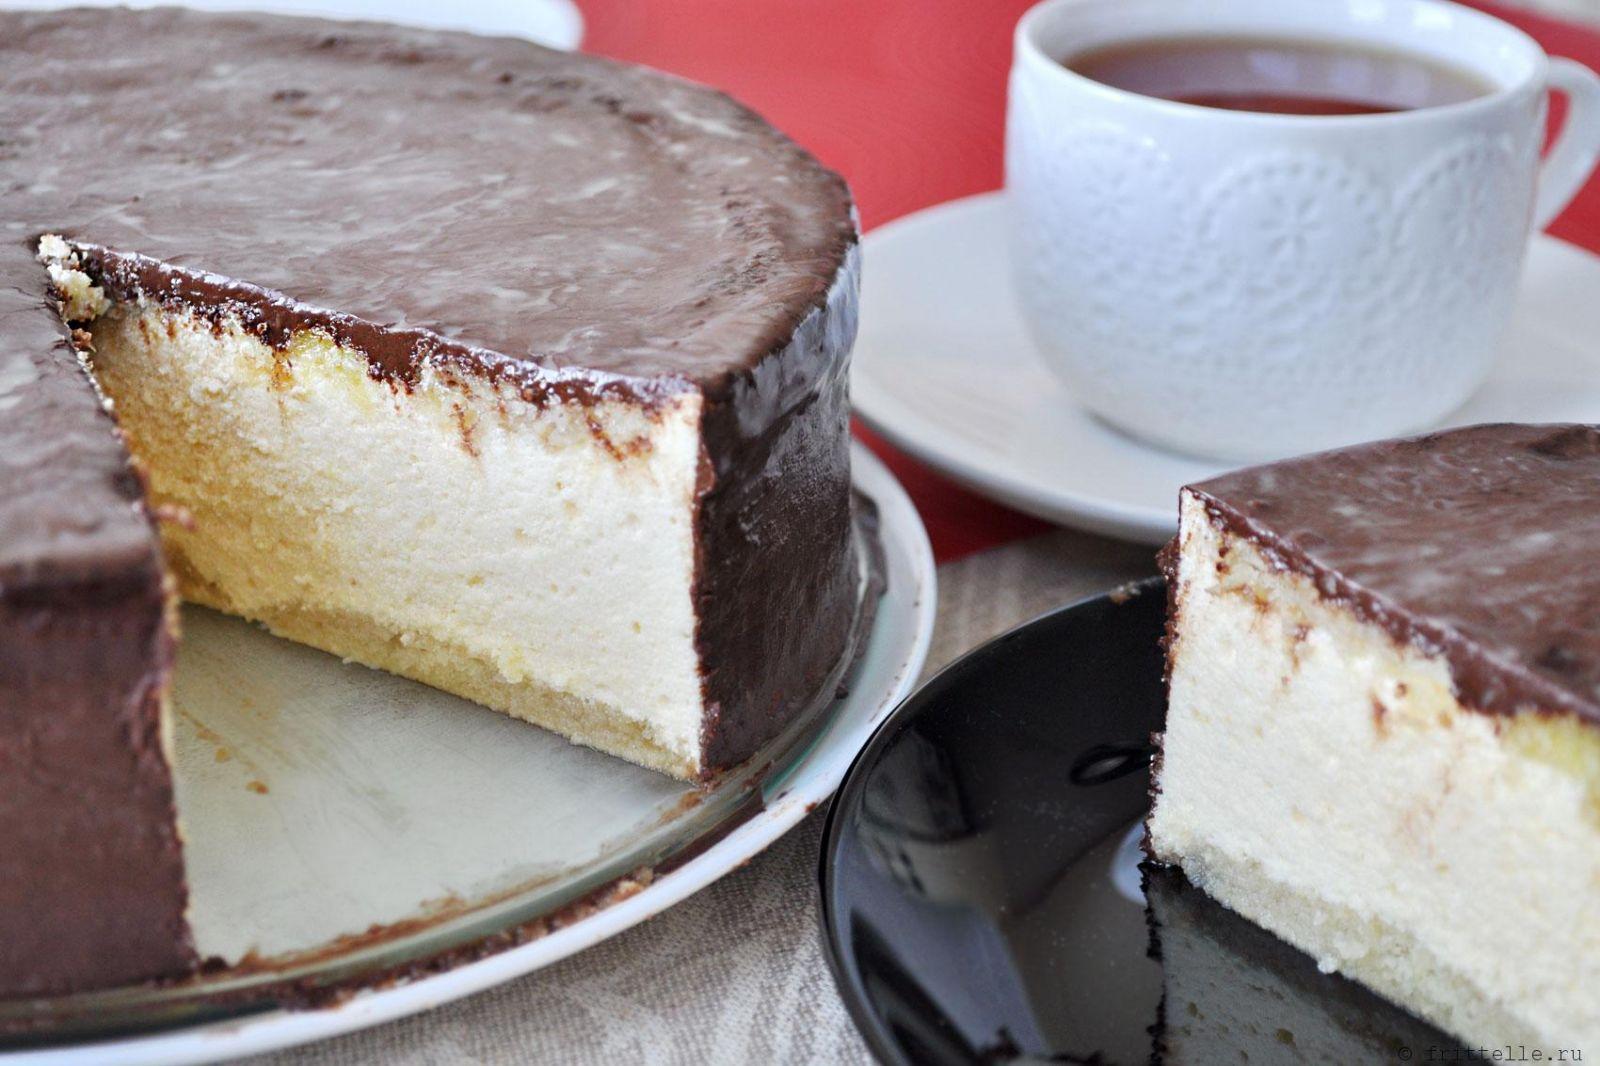 Рецепты тортов без выпечки: десерты, на которые не нужно тратить уйму времени - фото №5